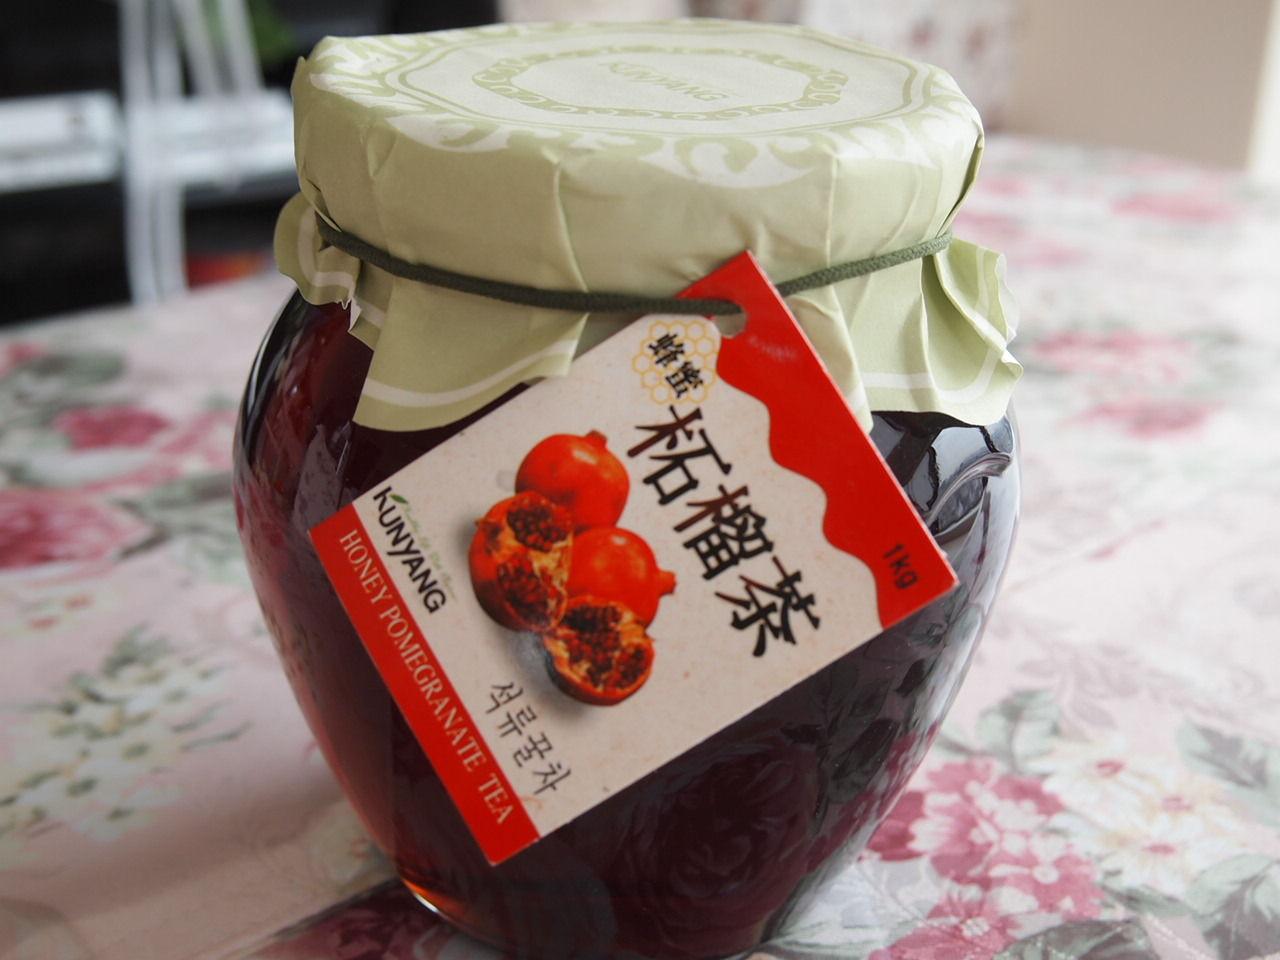 美容と健康ドリンク「KUNYANG 蜂蜜柘榴茶」 : マロンcafe